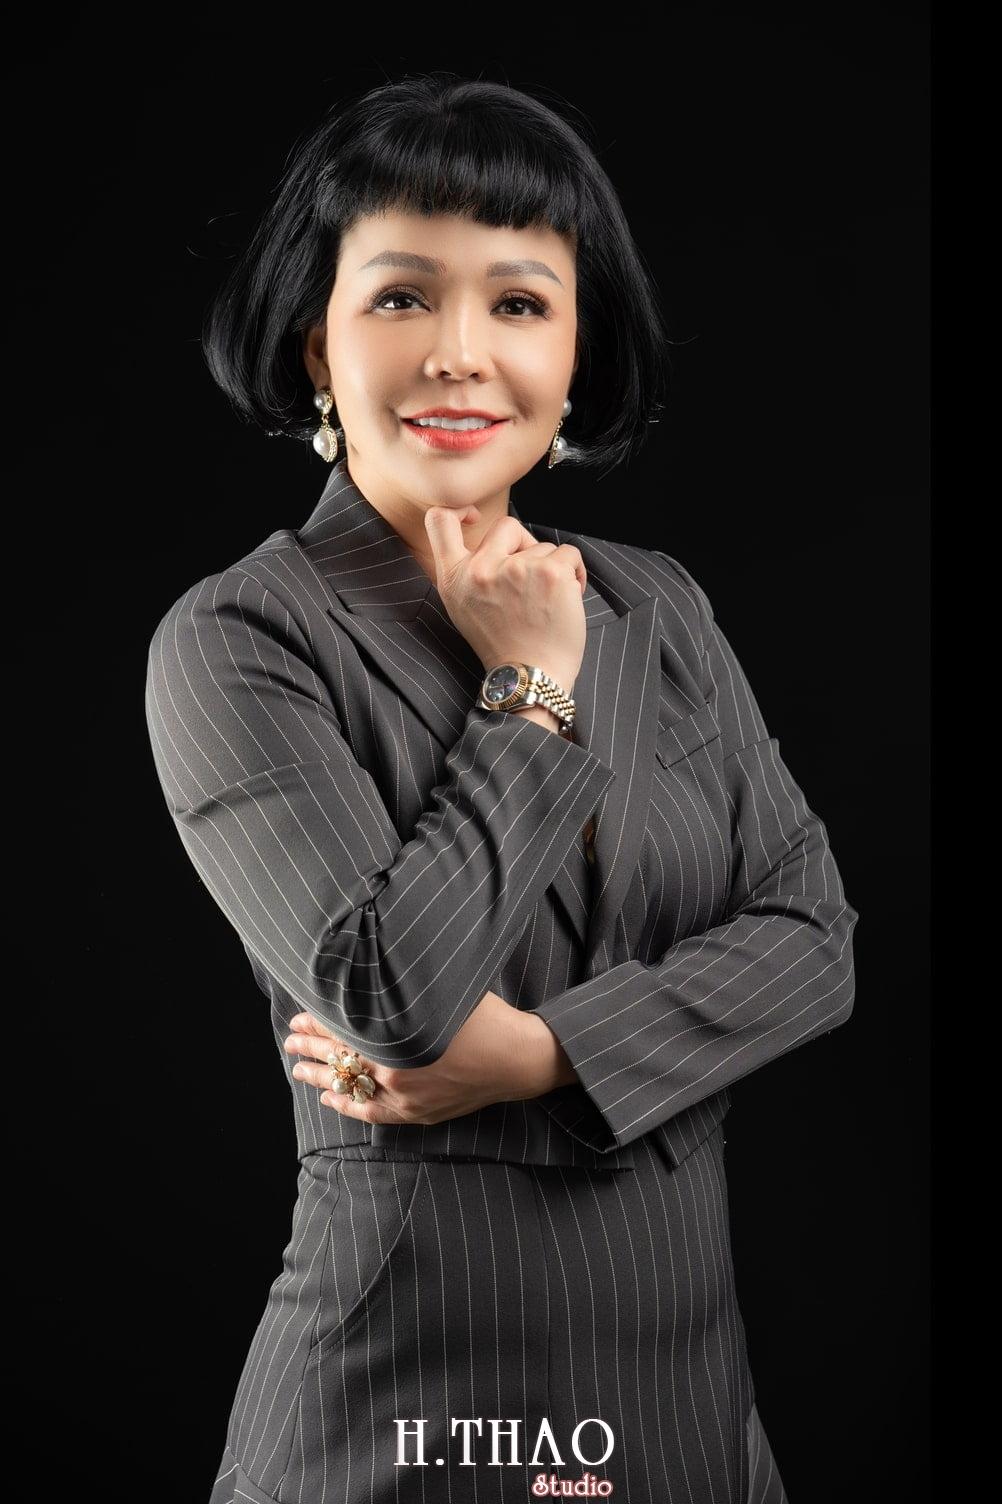 Doanh nhan dao tao 1 - Album nữ doanh nhân ngành đào tạo giải pháp Hoàng Dung